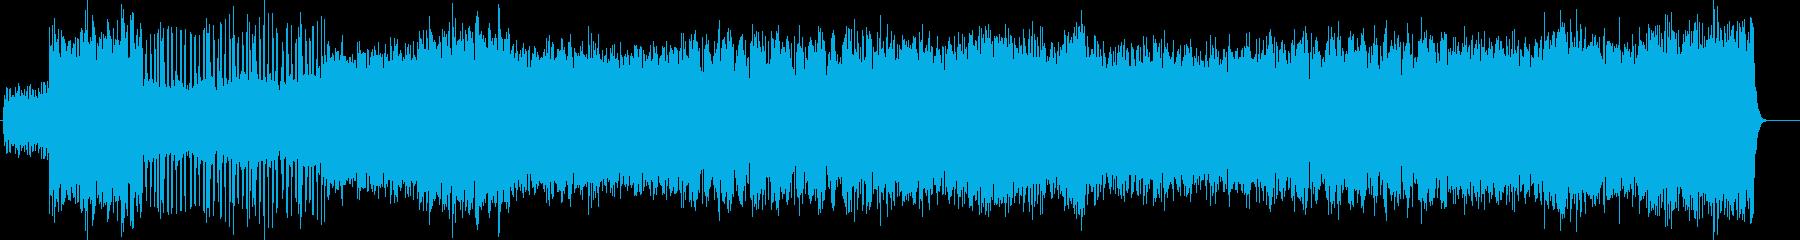 リズミカルなオーケストレーションの再生済みの波形